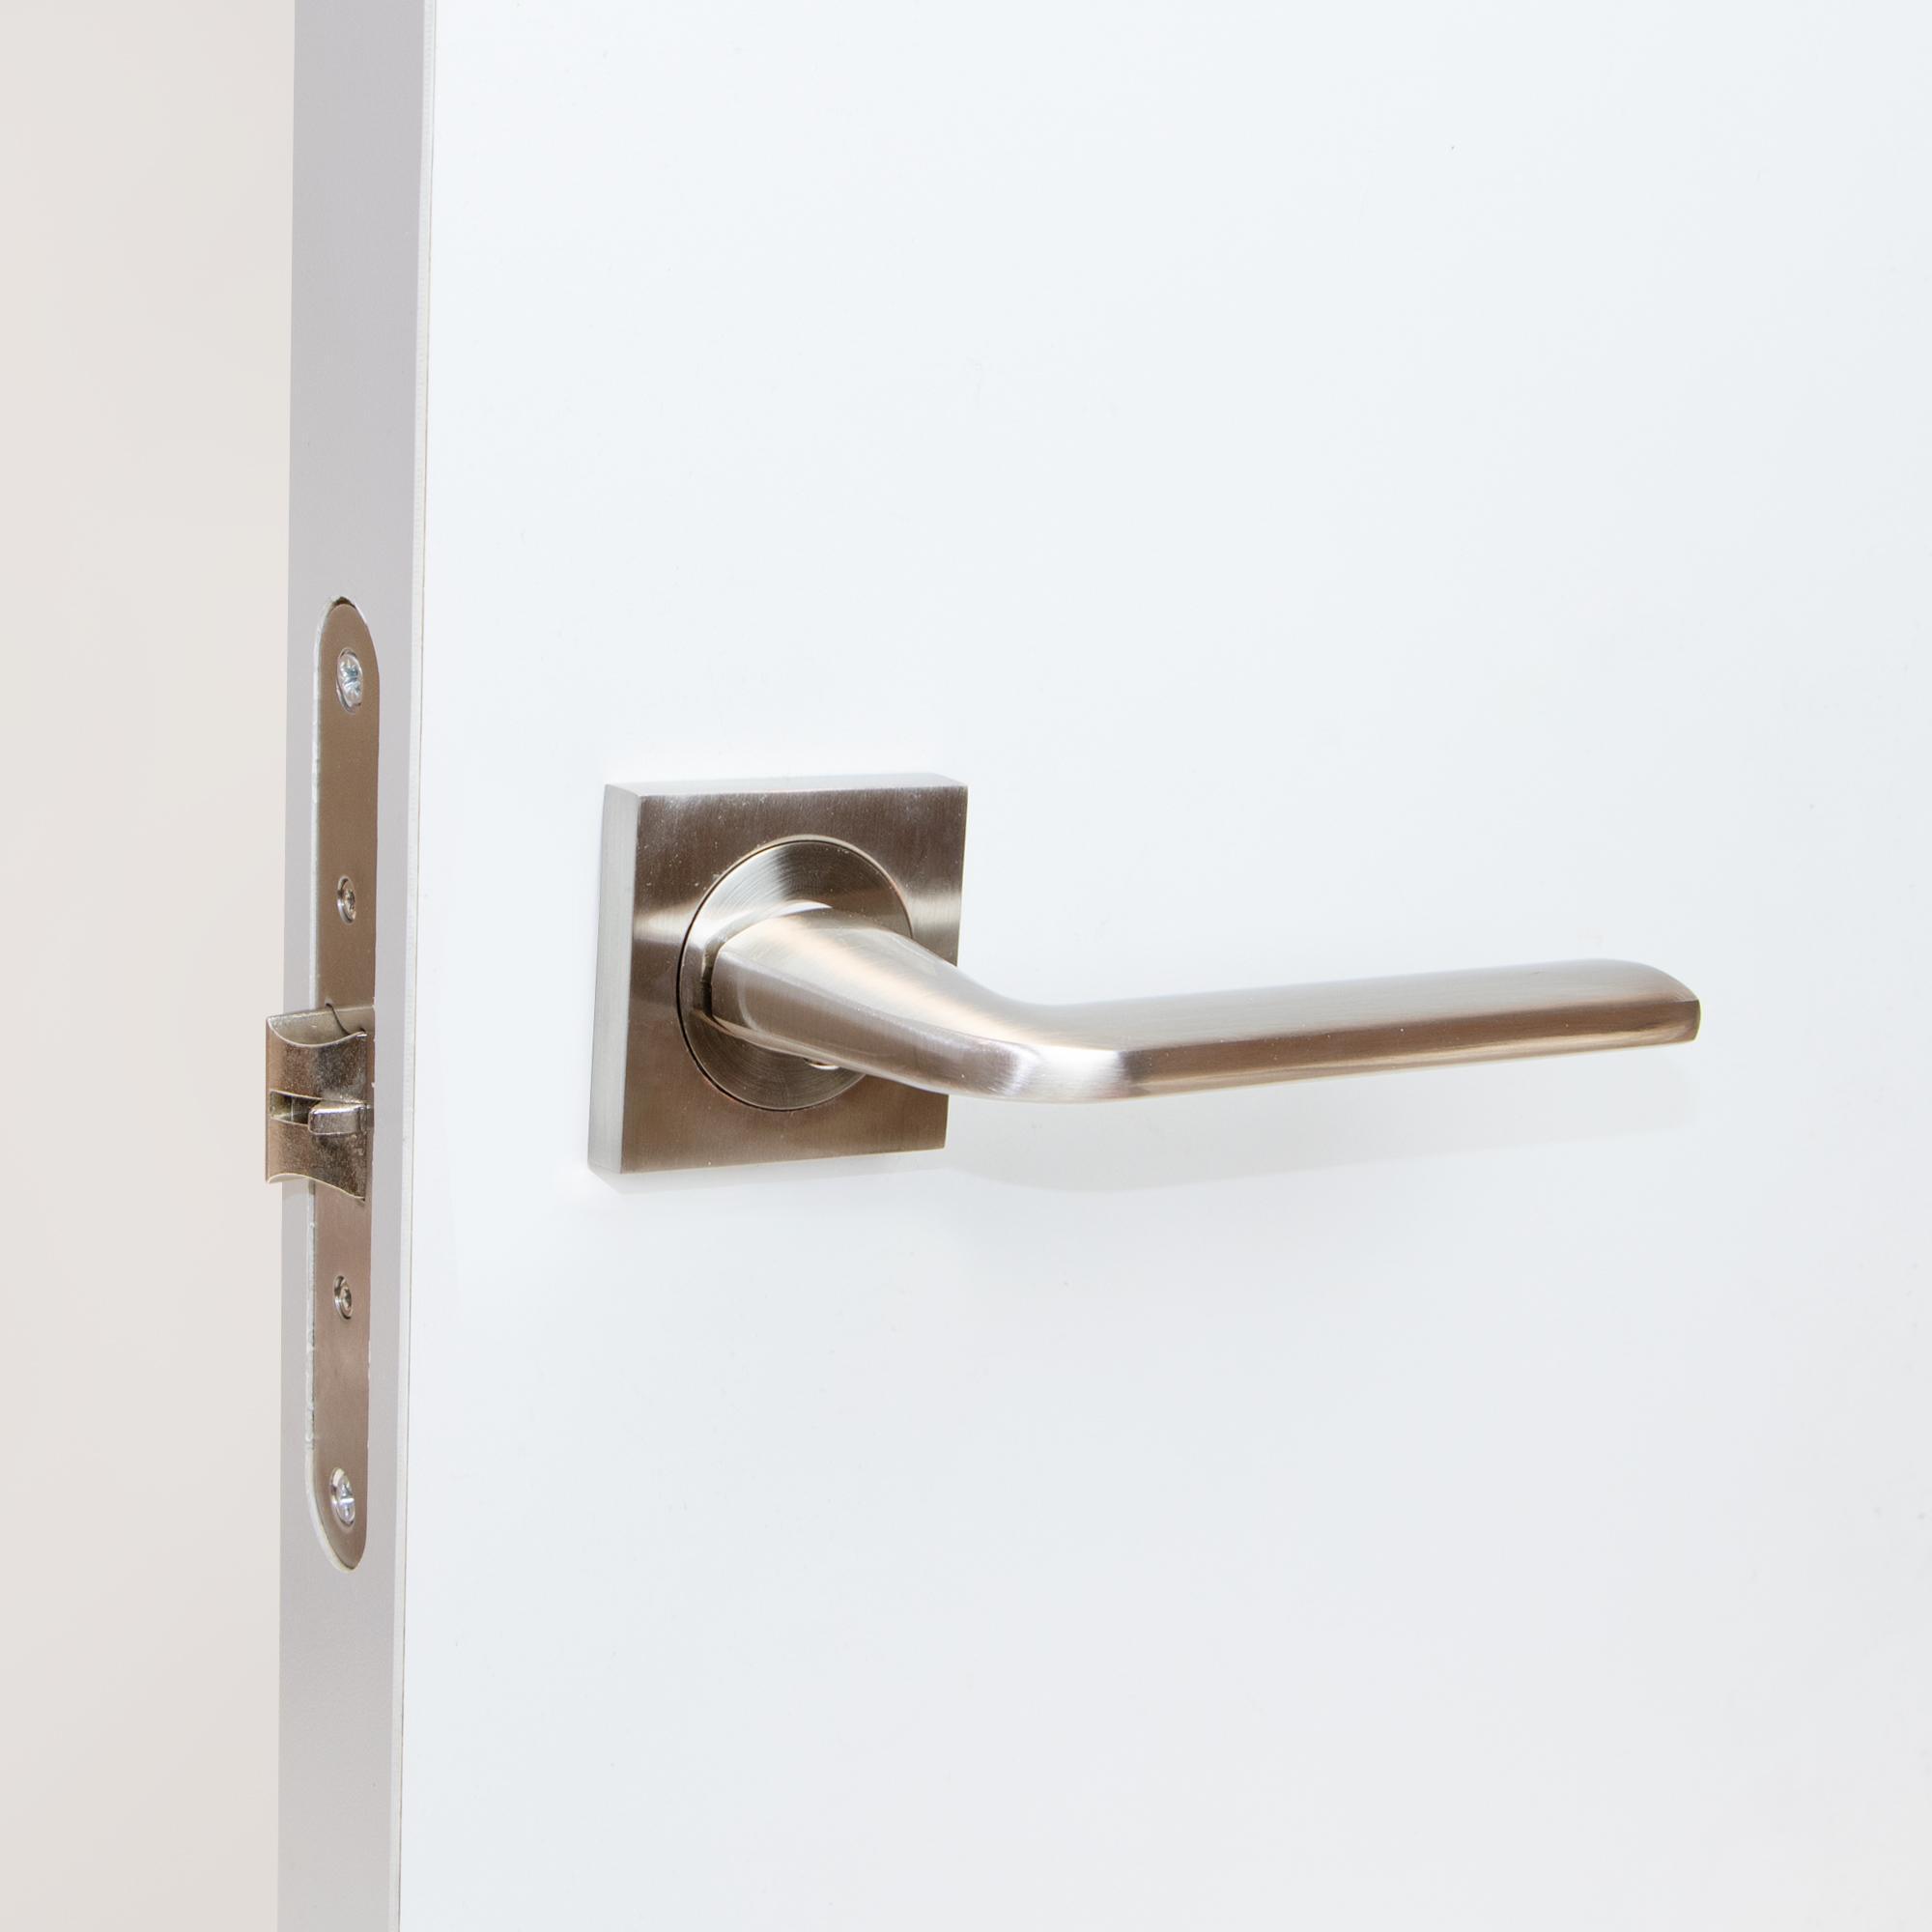 Emuca Manetas para puertas de interior N/íquel satinado. juego de manillas para puerta de paso con roseta D.50 mm Aluminio